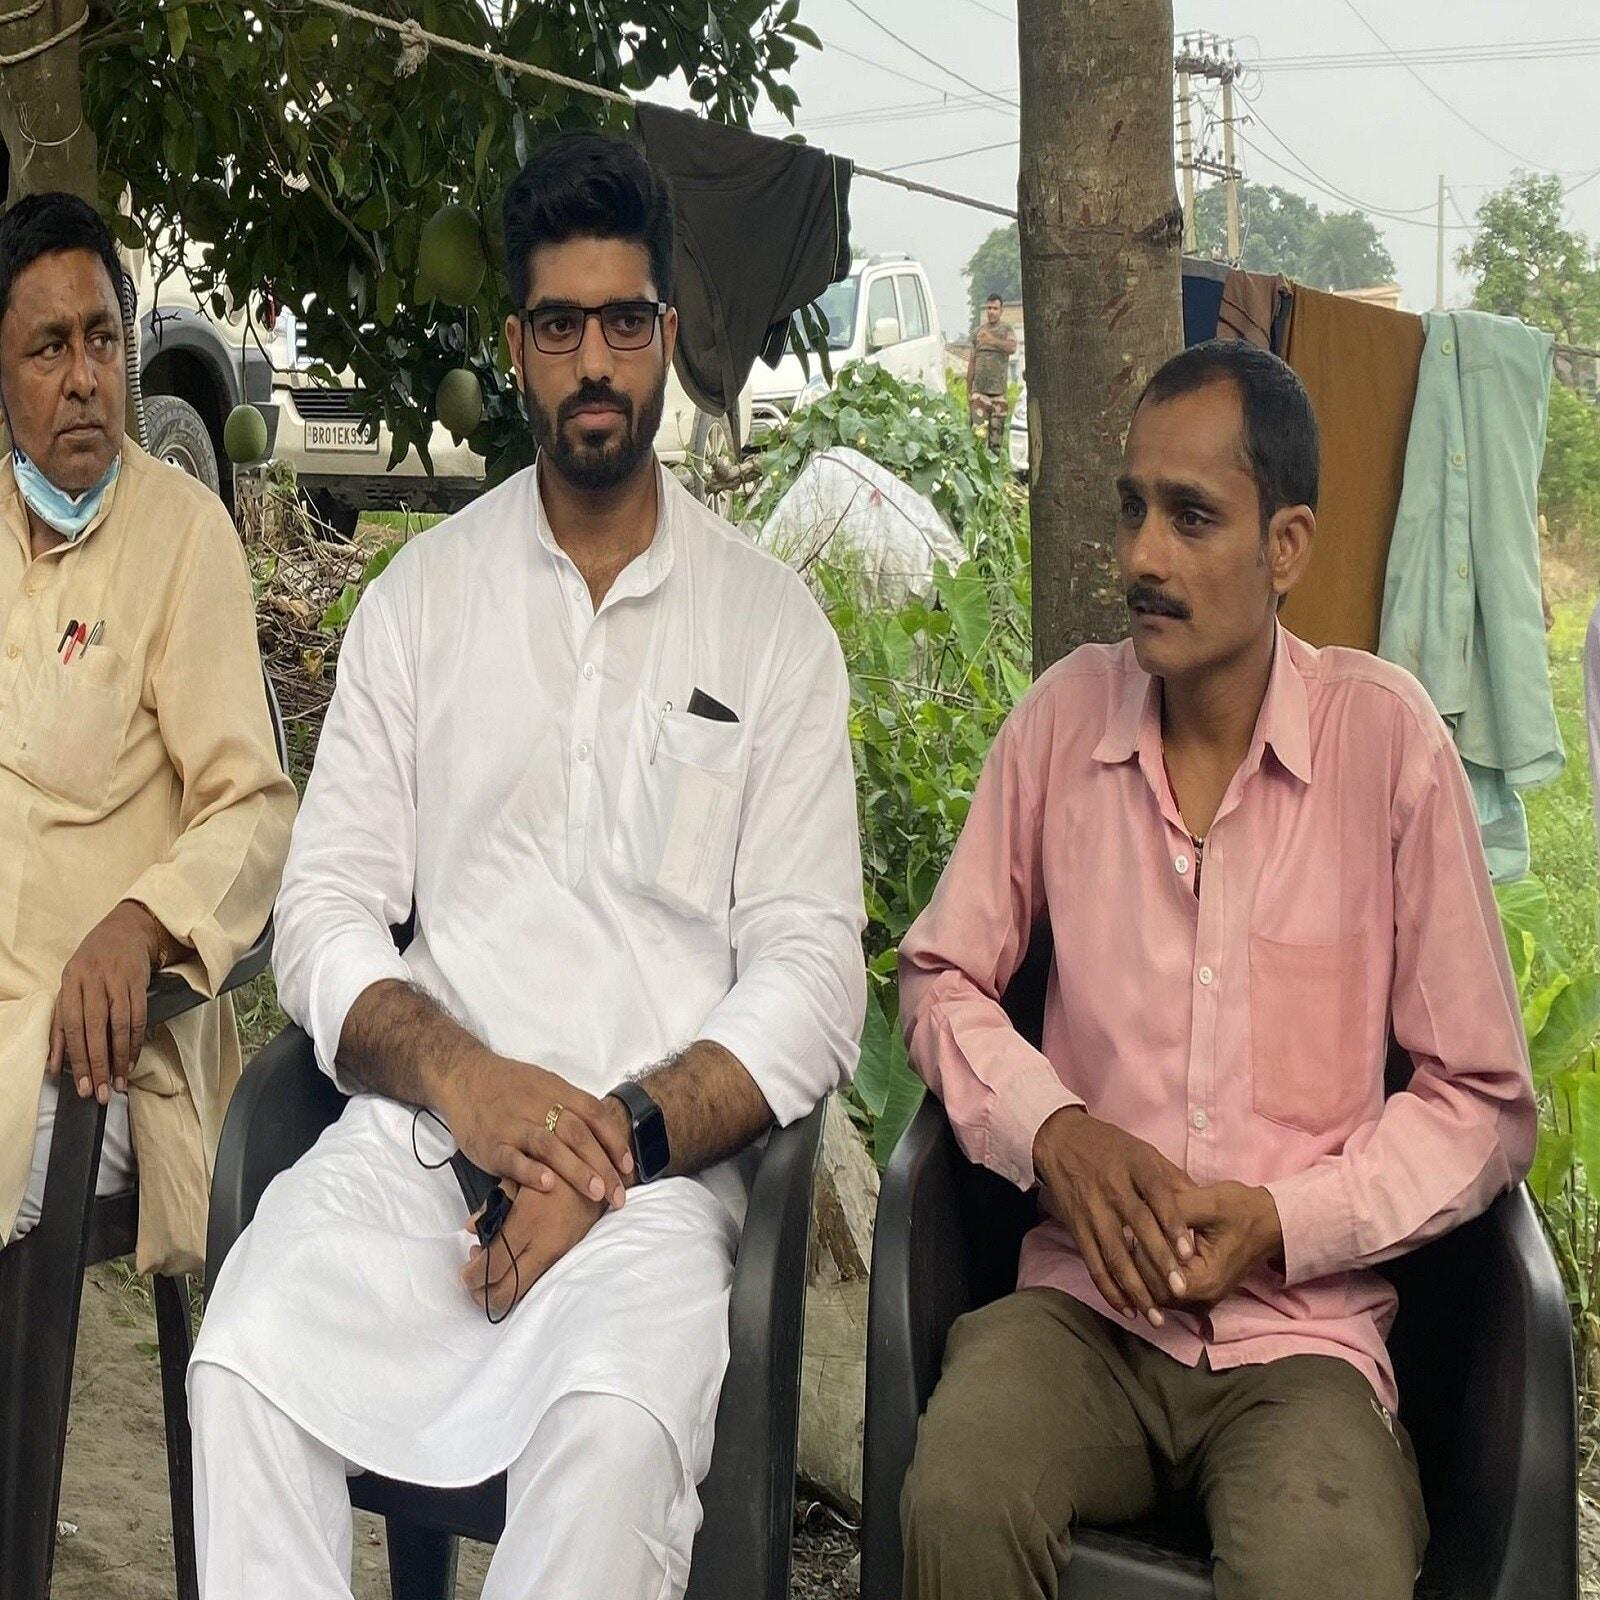 प्रिंस राज ने इसी साल 9 फरवरी को लिखवाई गई एफआईआर में युवती और उसके साथी पर गंभीर आरोप लगाए थे.Prince Raj, Prince Raj accepted sex with girl, Prince Raj LJP Rape case, Rape Case against Prince Raj, Prince Raj LJP News, Chirag Paswan Cousin news, delhi police, bihar news, delhi news, rape charges against mp, samastipur mp chirag paswan case, ram vilas paswan, pashupati oaras, ramchandra paswan, ghaziabad girl, प्रिंस राज, एलजेपी सांसद पर रेप का मामला दर्ज, रामविलास पासवान, चिराग पासवान, पशुपति कुमार पारस, रामचंद्र पासवान, बिहार के एक एमपी पर रेप का मामला दर्ज, बलात्कारी सांसद एलजेपी. चिराग पासवान का नाम में एफआईआर में, गाजियाबाद की लड़की ने प्रिंस पर लगाया रेप का आरोप, दिल्ली एनसीआर न्यूज, बिहार न्यूज, बिहार पॉलिटिक्स